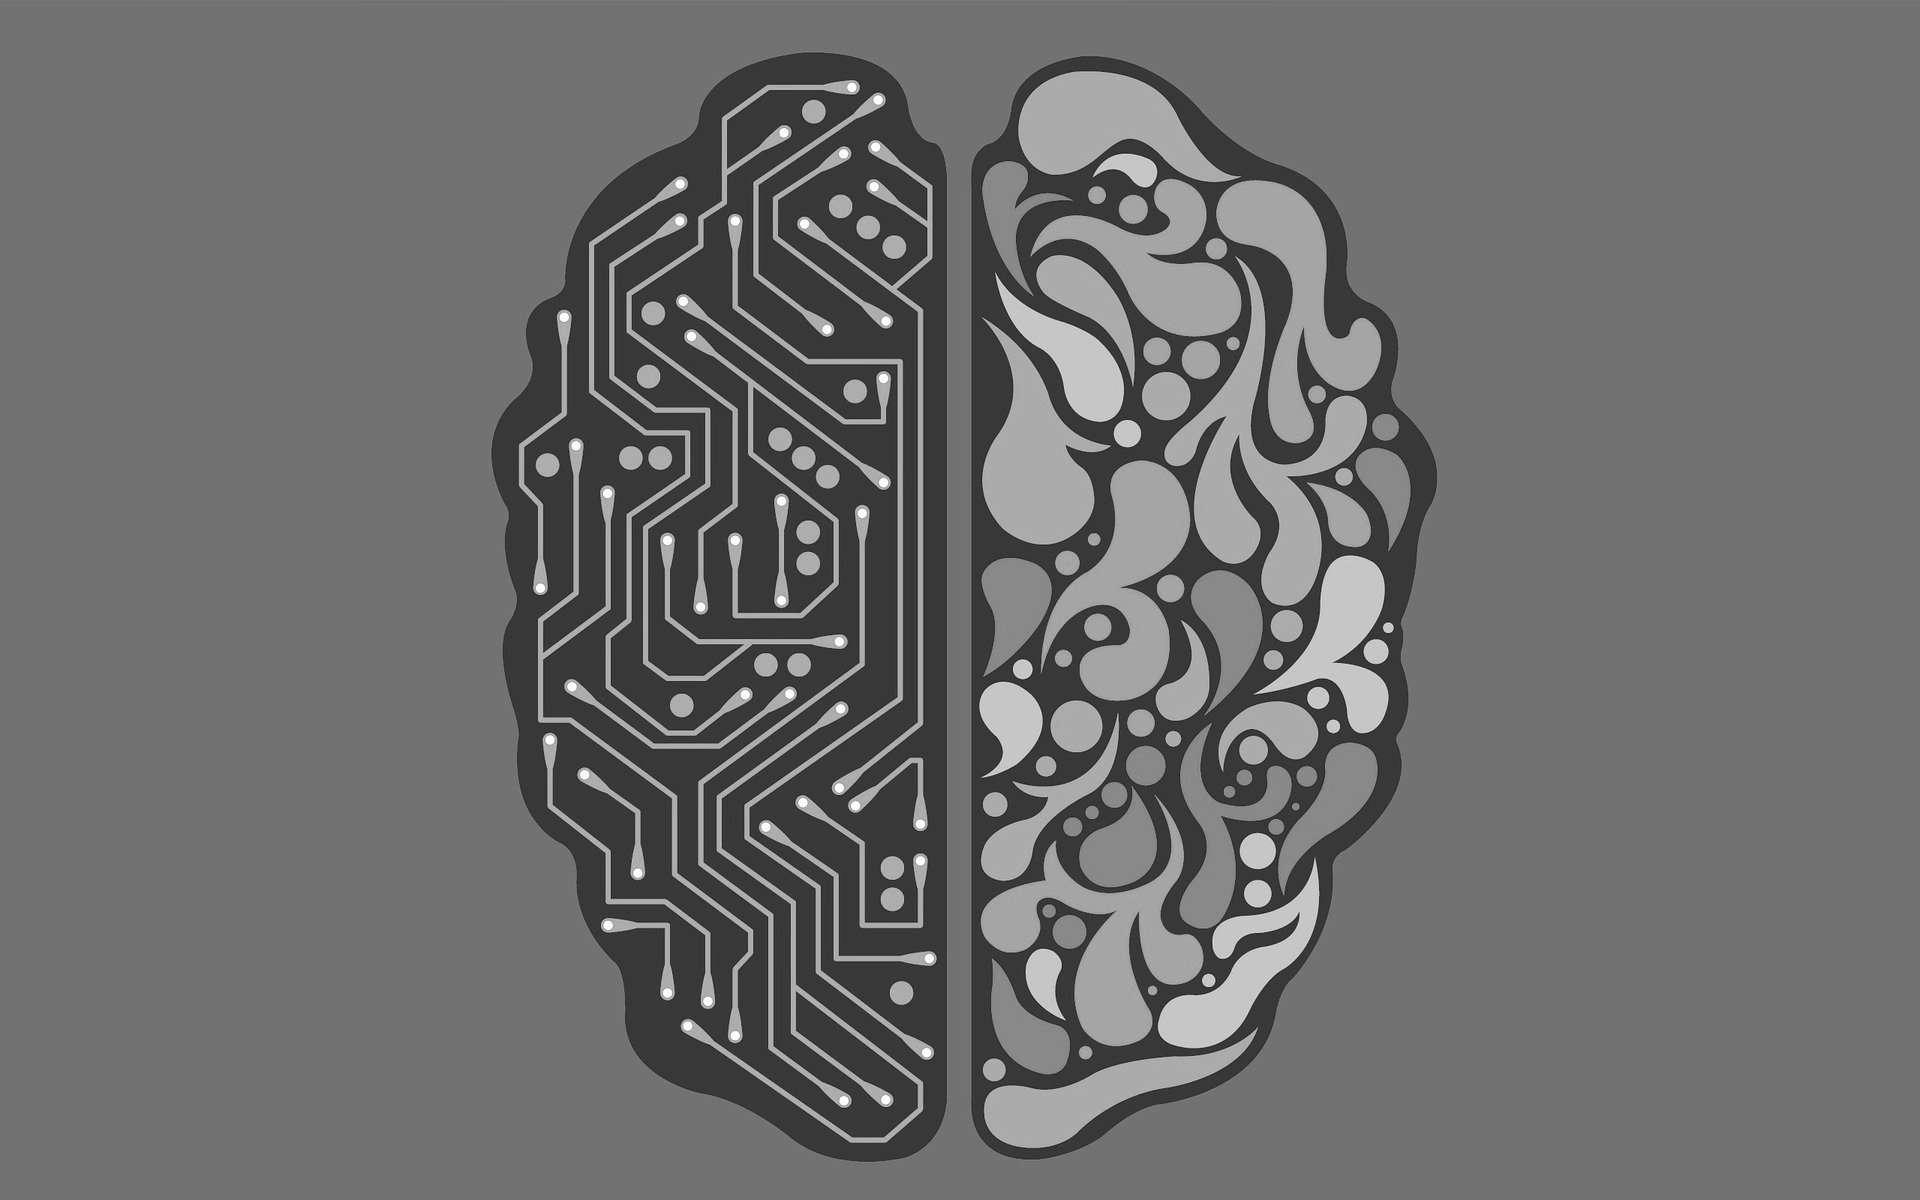 Le polymère Pedot pourrait un jour servir dans les interfaces cérébrales avec une intelligence artificielle. © Seanbatty, Pixabay